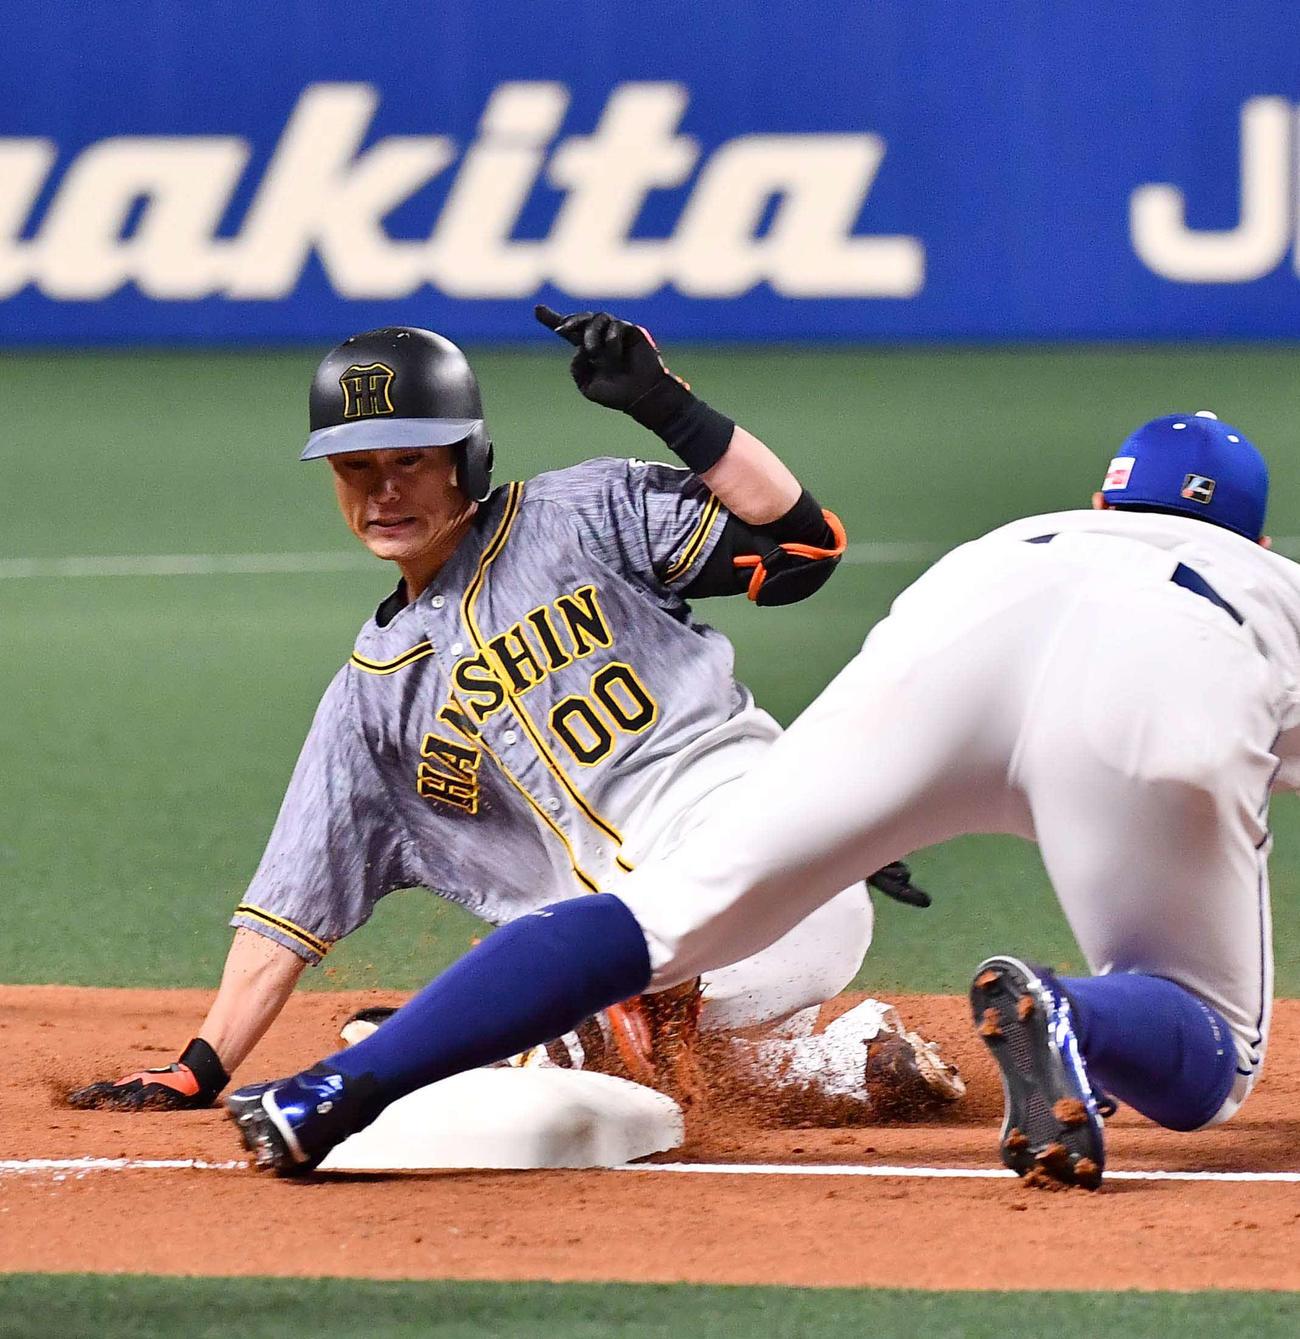 中日対阪神 3回表阪神無死一塁、二塁打を放った上本博紀は近本光司の生還の間に三塁へ滑り込む(撮影・上田博志)